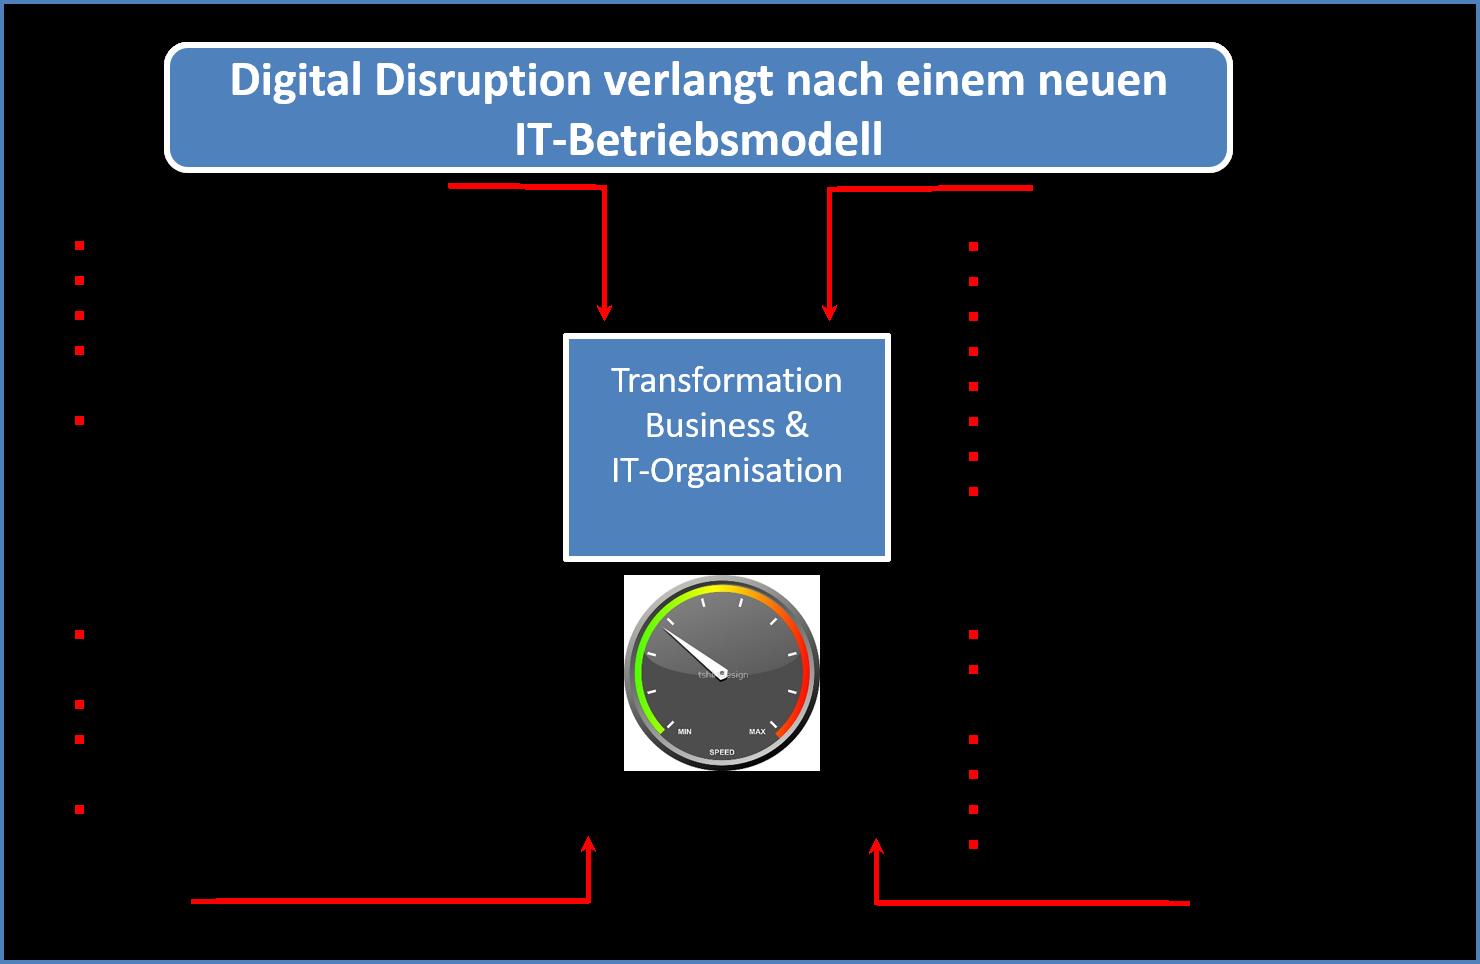 Vier Kräfte, welche auf Unternehmen und IT-Organisation einwirken